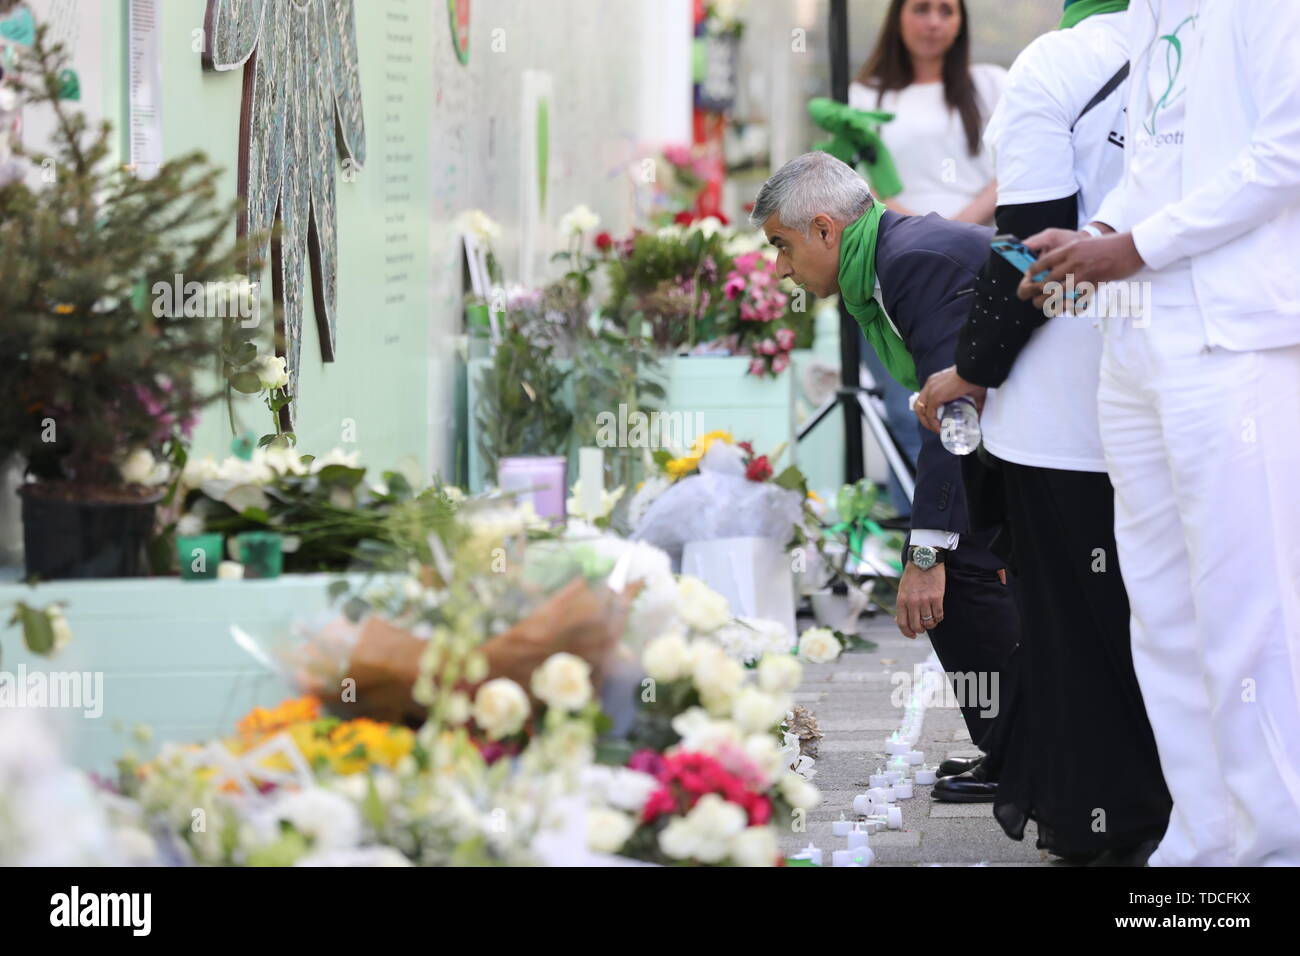 Bürgermeister von London Sadiq Kahn während einer Kranzniederlegung Zeremonie ausserhalb Grenfell Tower, London, anlässlich des 2-jährigen Jubiläums des Hochhauses Brand in Erinnerung an die 72 Menschen, die ihr Leben verloren. Stockbild